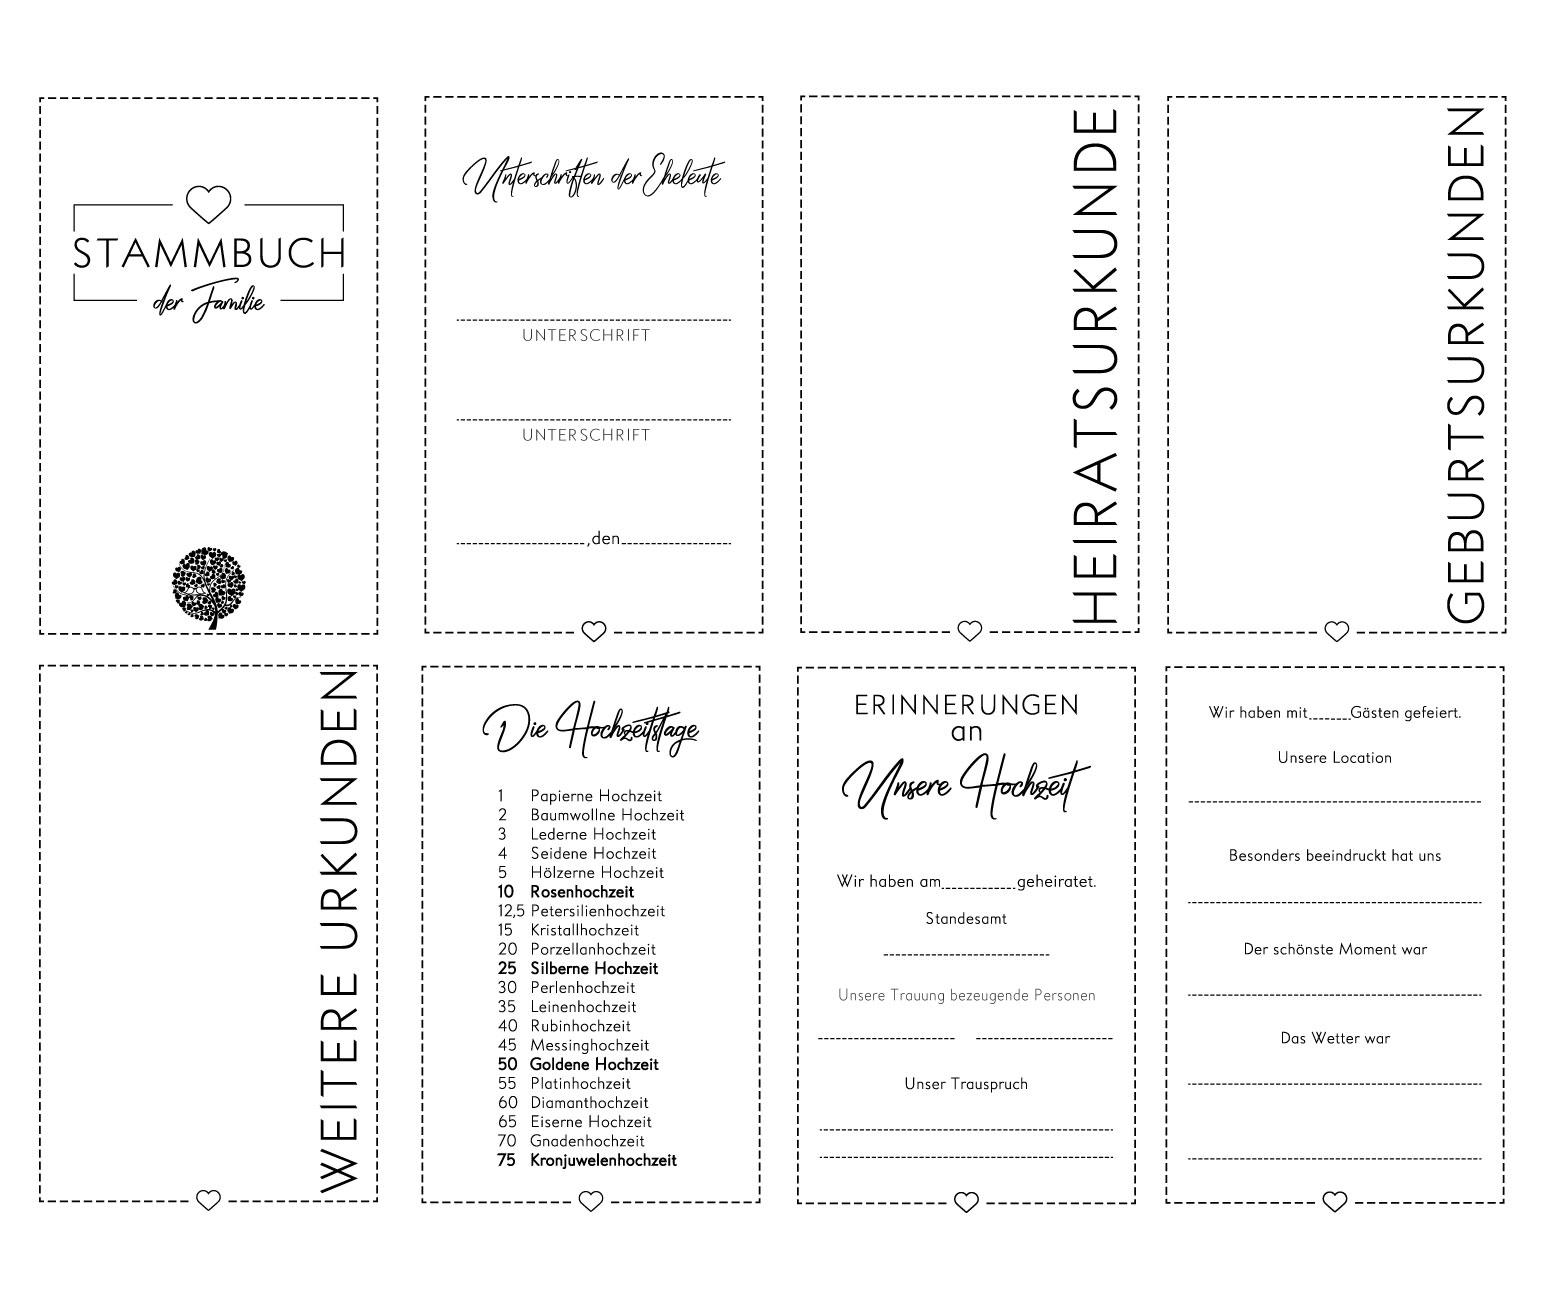 Personalisierung Bezug Leinen Nr Creme 79 Hochzeitideal Stammbuch der Familie A4 inkl